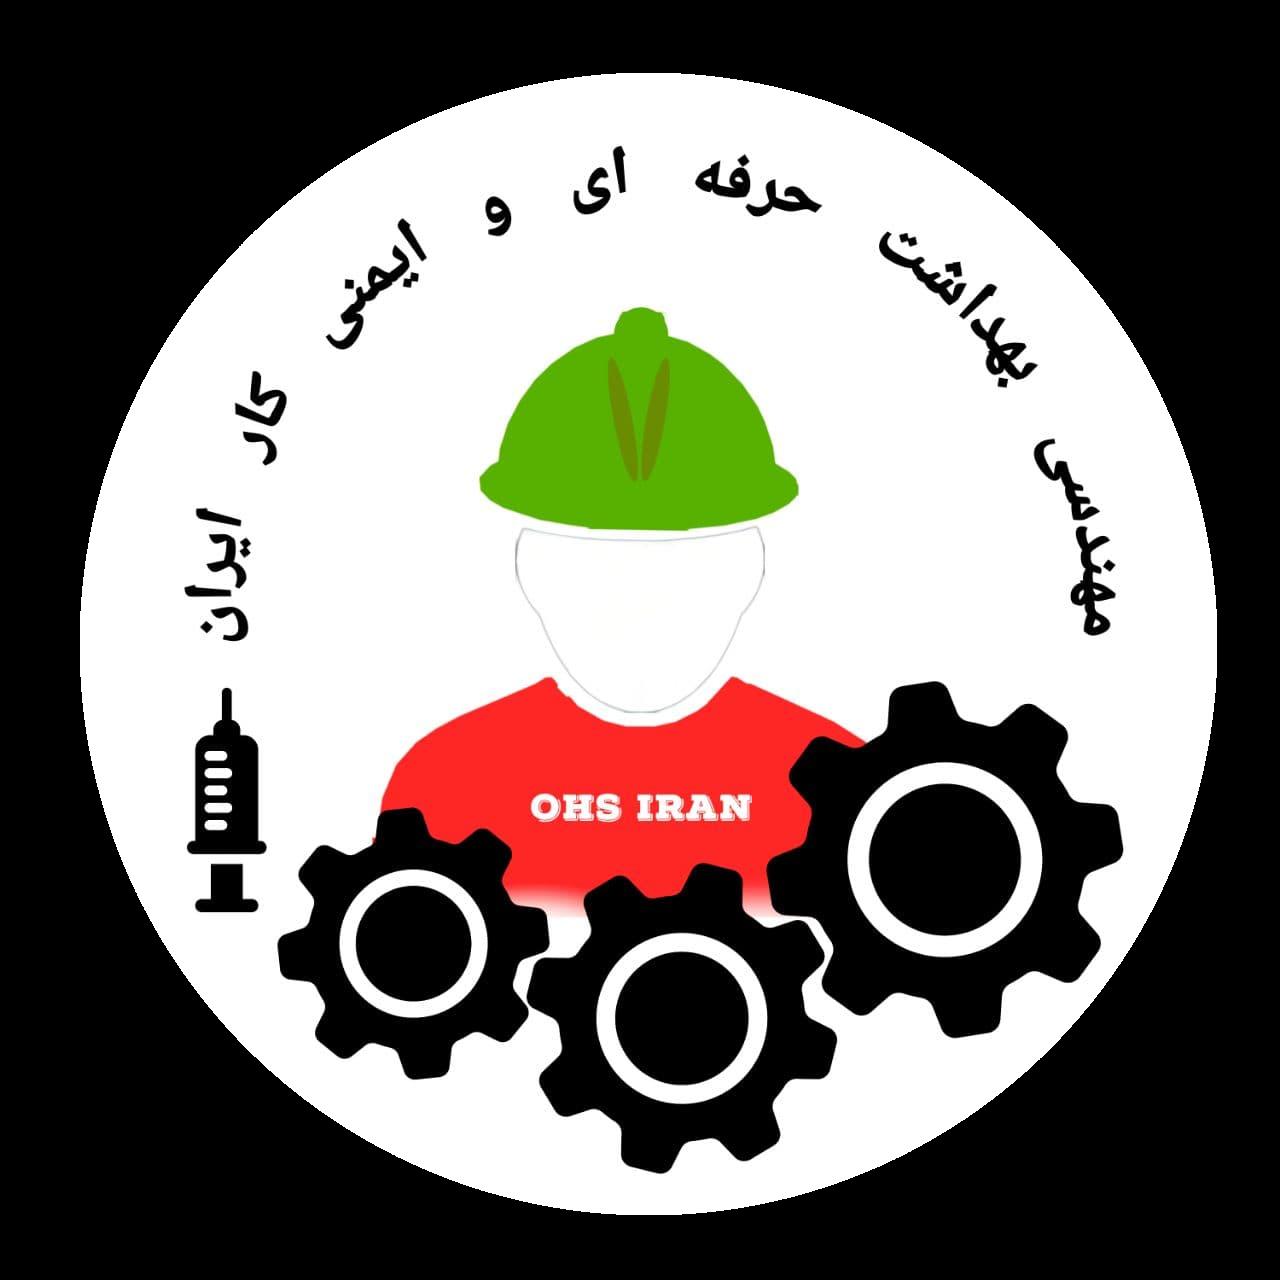 OHS IRAN لوگوی